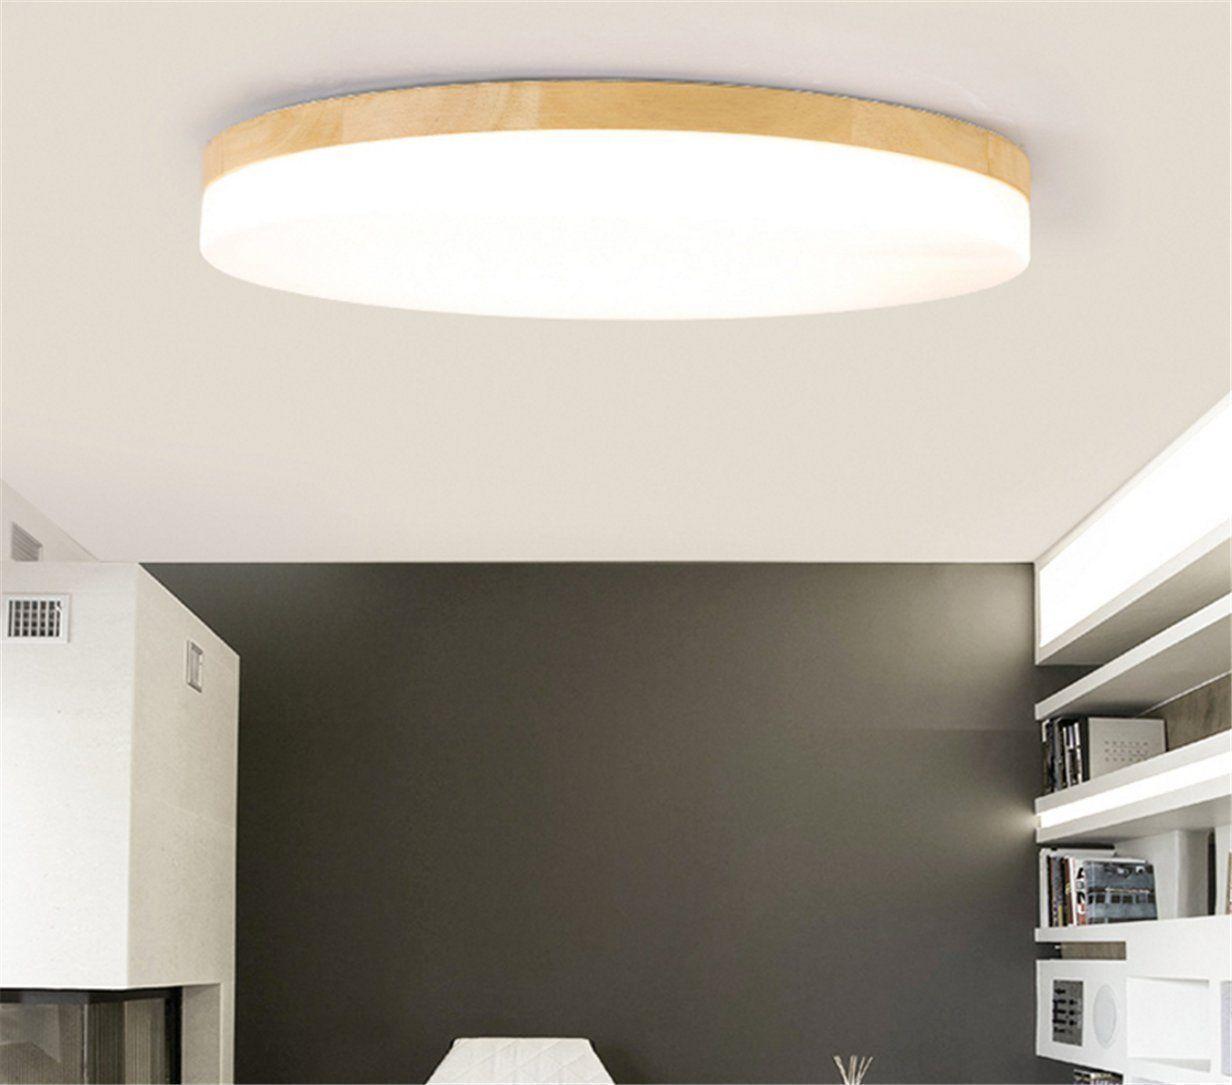 Lampe Schlafzimmer Decke Design